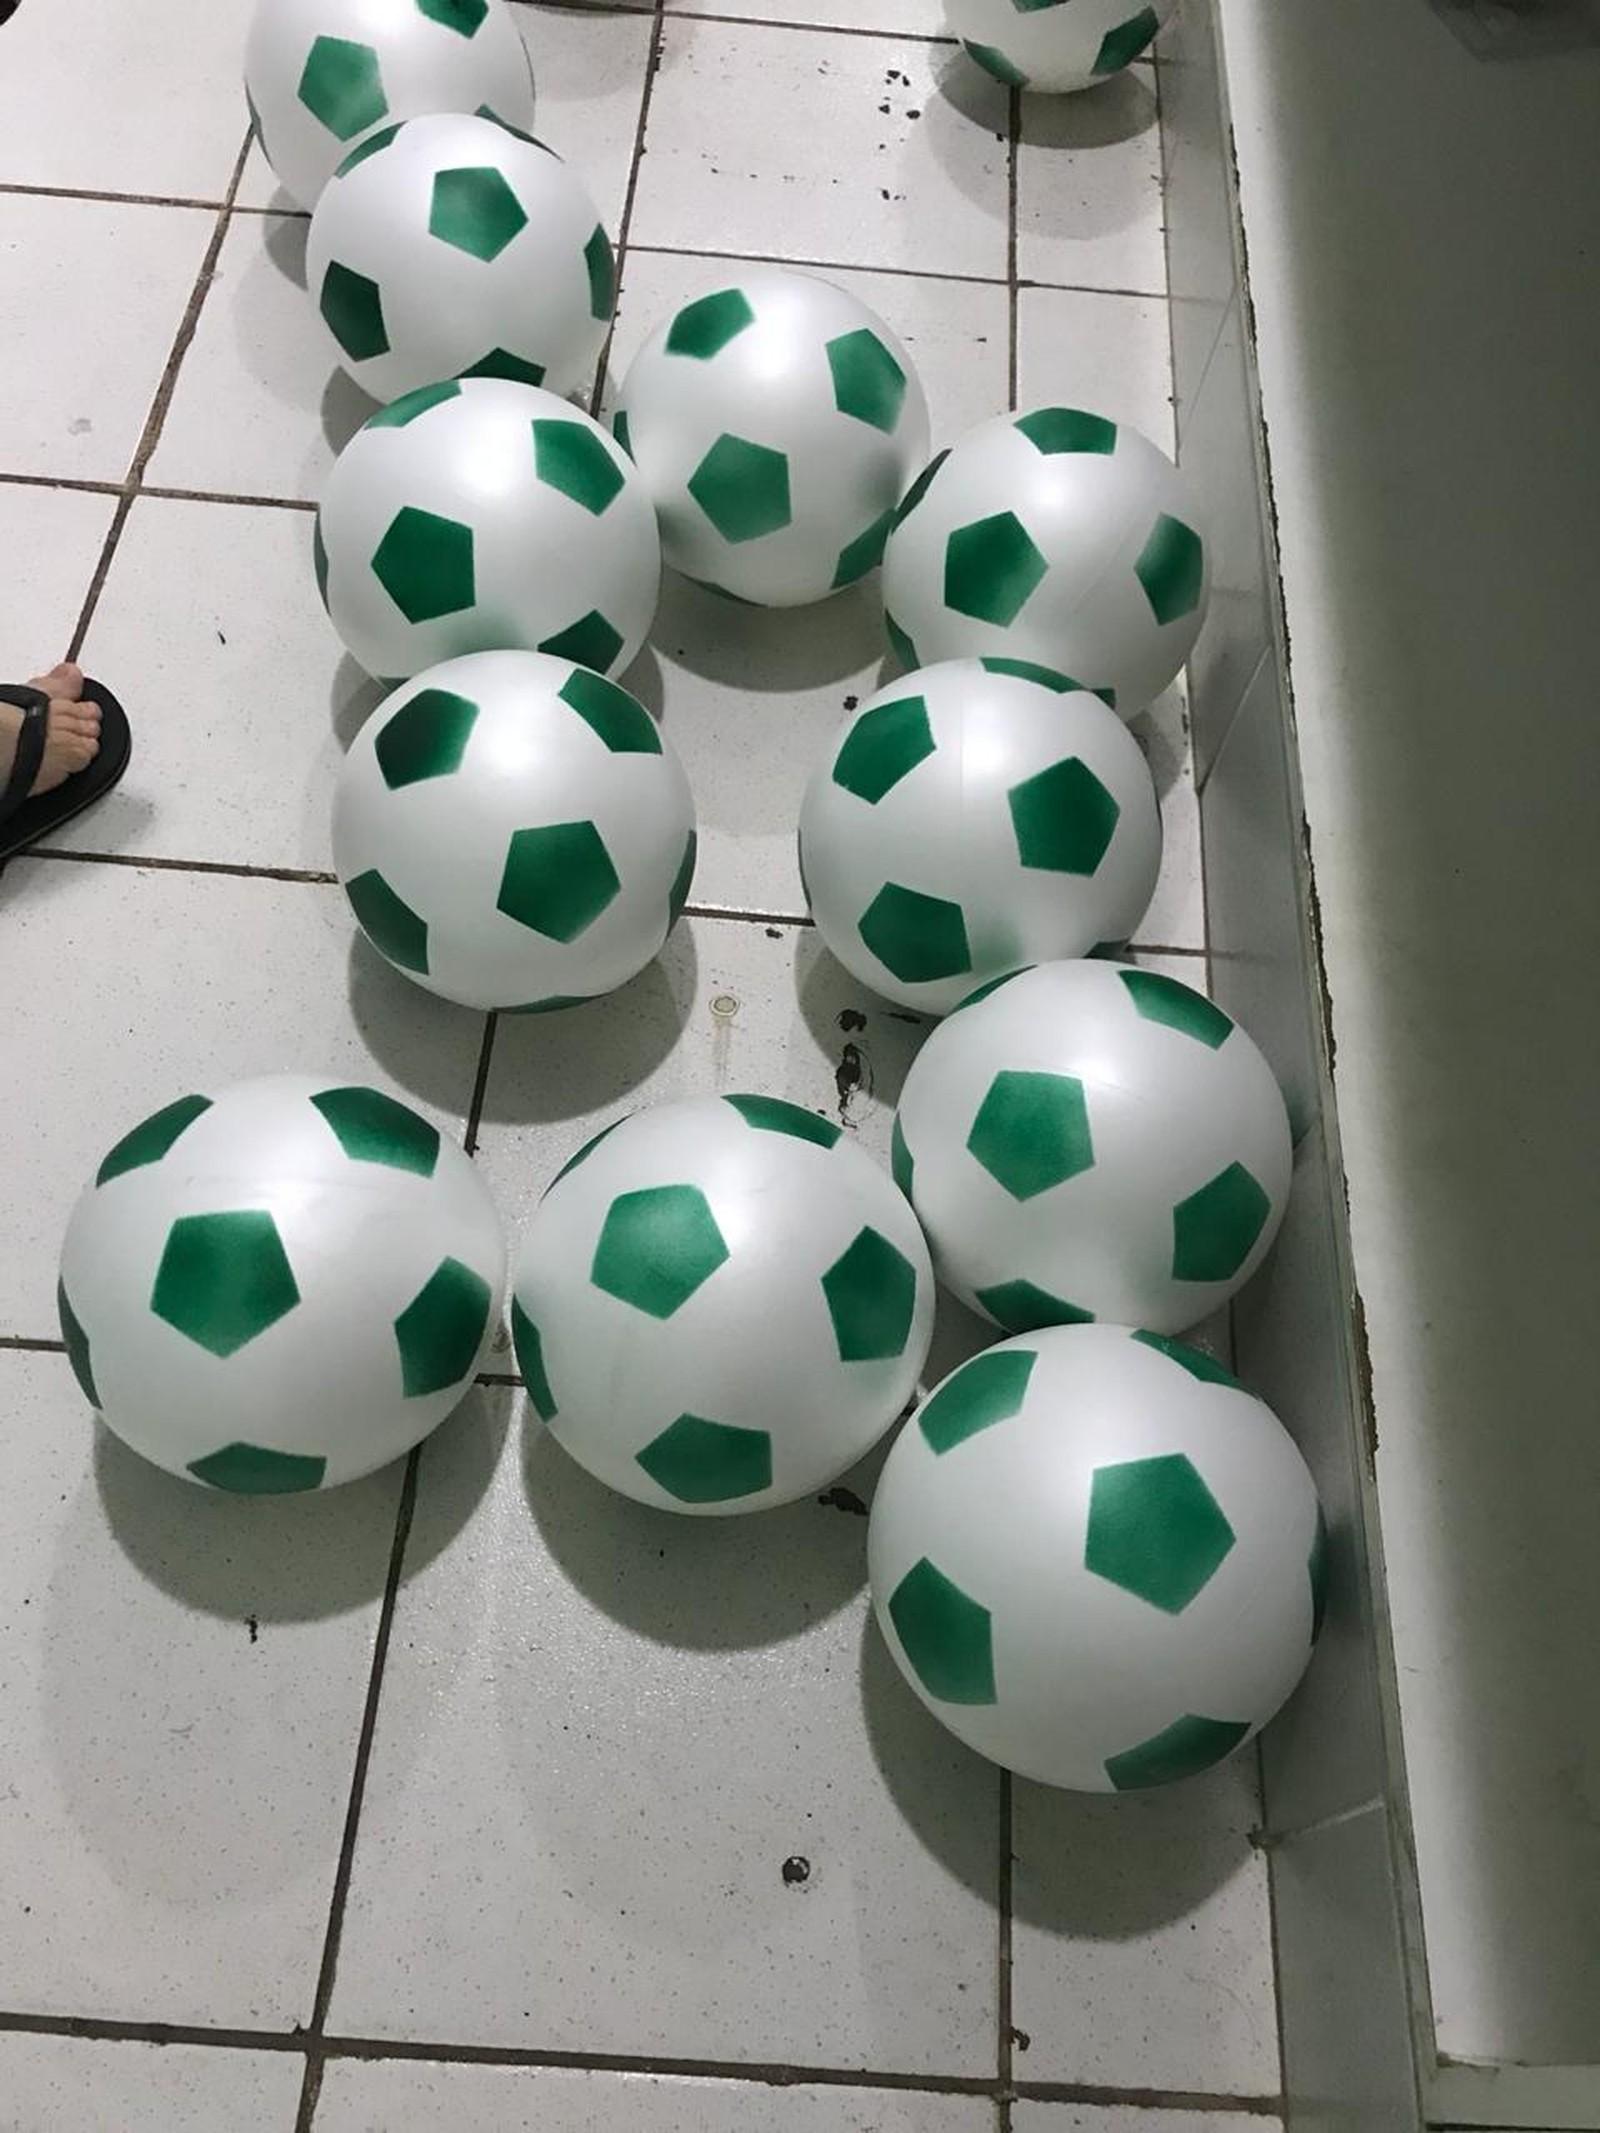 Bolas Verdes foi o presente para as crianças (Foto: José Serbino/ arquivo pessoal)